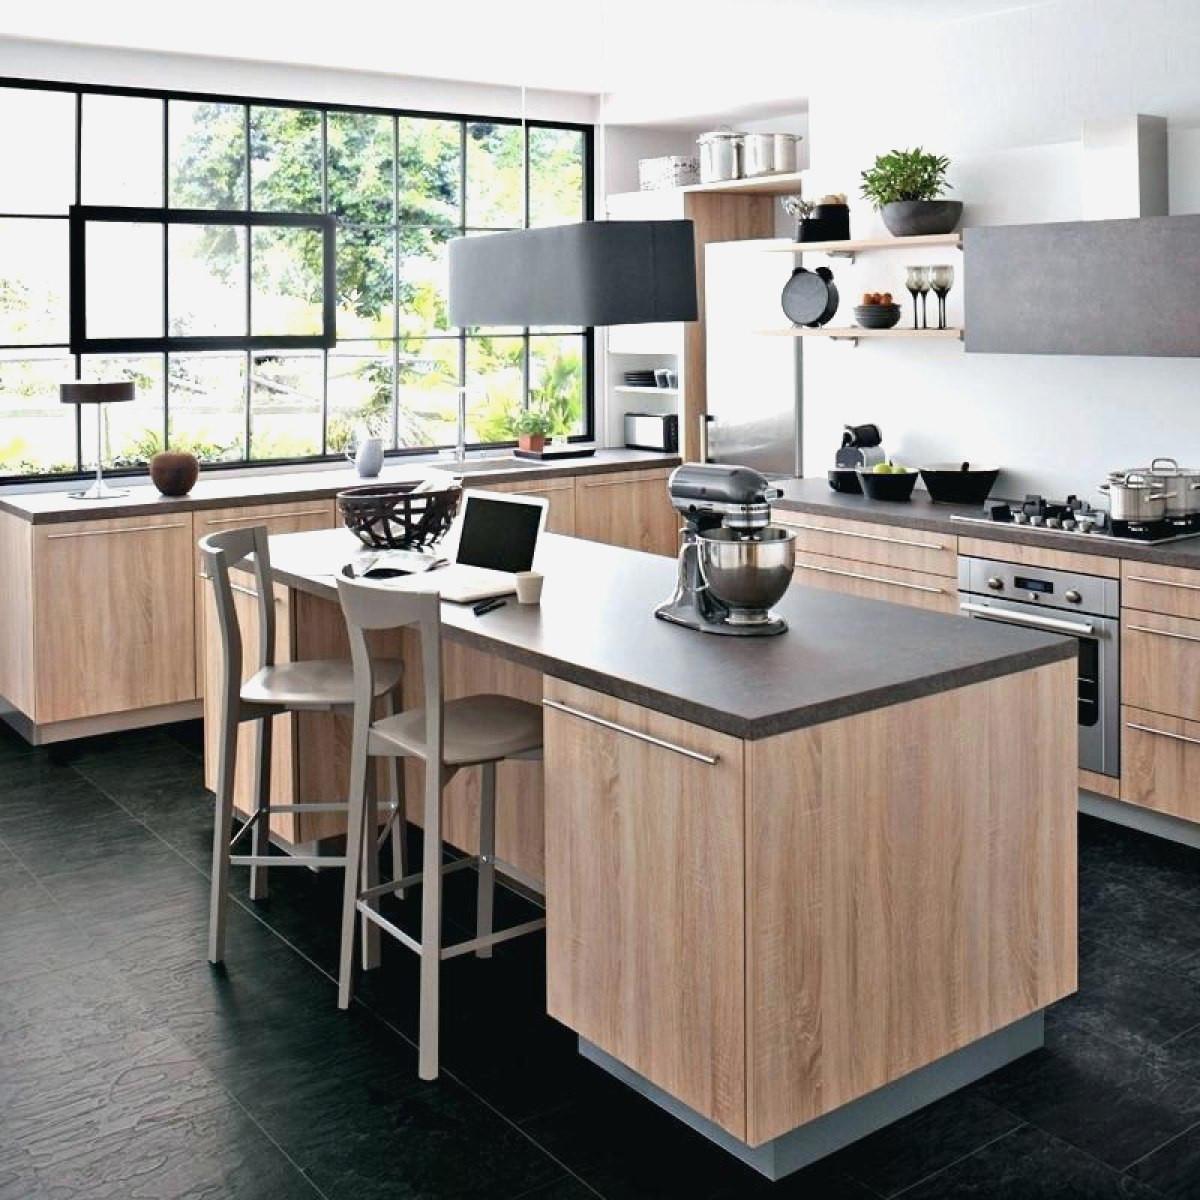 montage plan de travail cuisinella lille maison. Black Bedroom Furniture Sets. Home Design Ideas